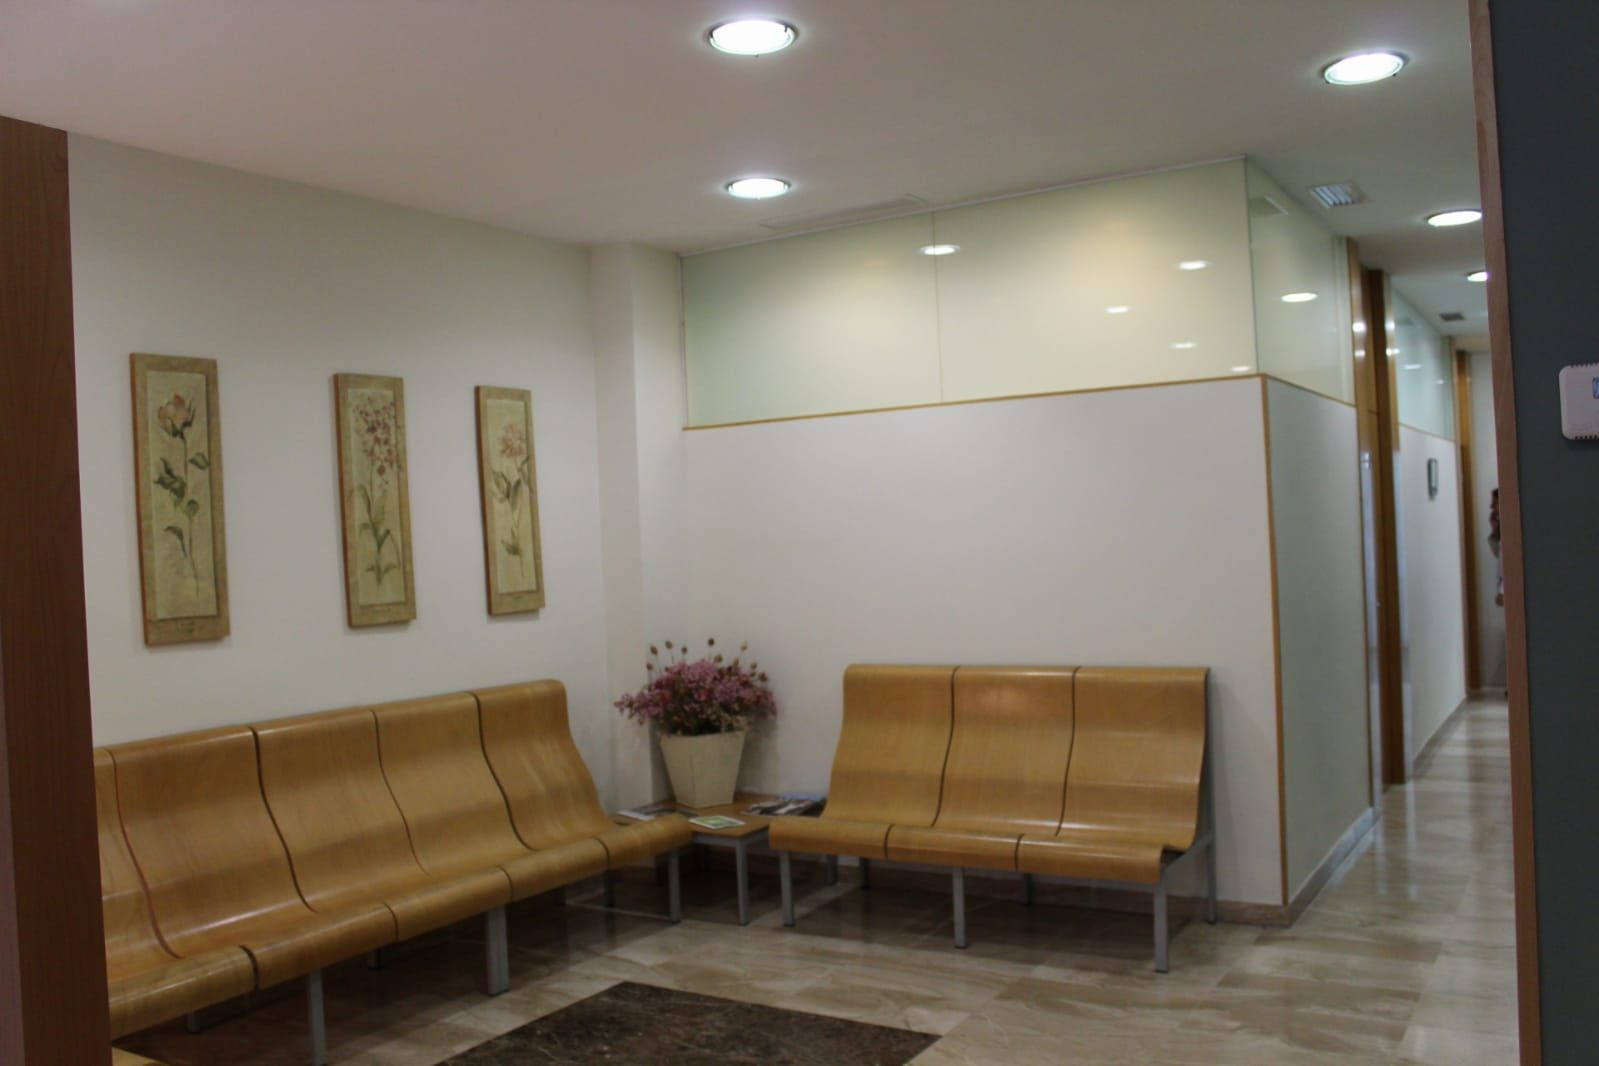 Foto 21 de Clínicas dentales en    Centro Médico Díez Soto